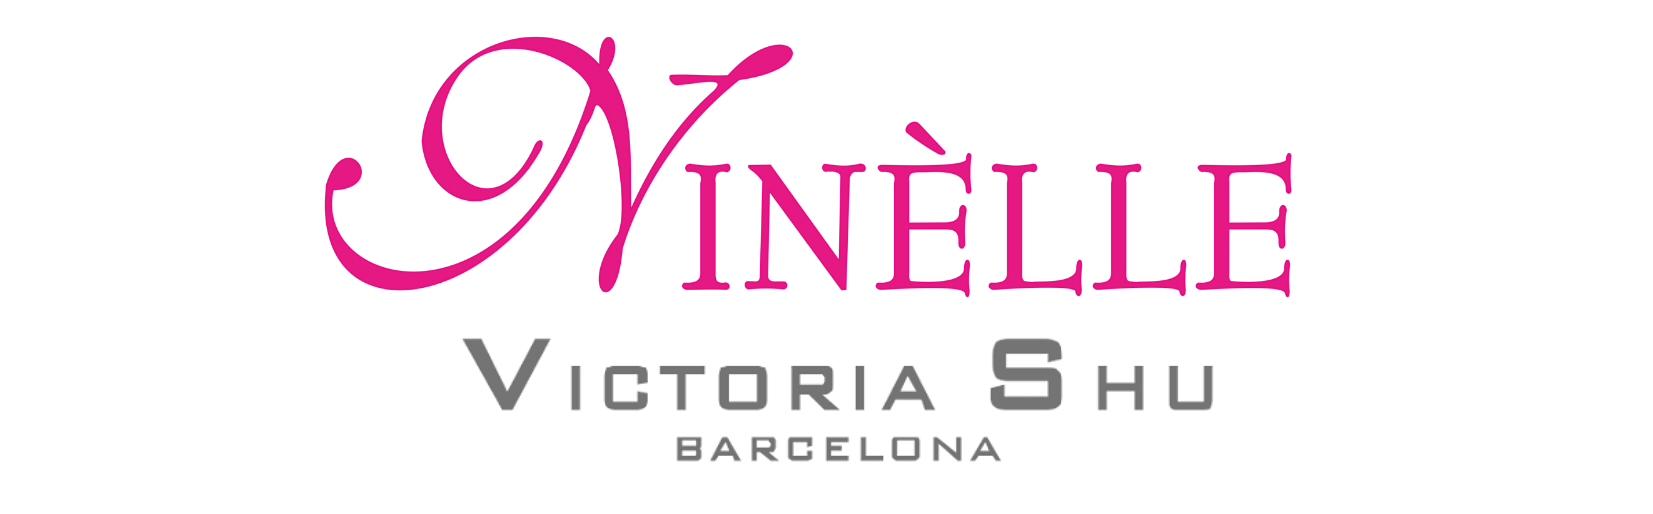 Бесспорный хит знойных испанских девушек косметика Ninelle и VICTORIA SHU! Блески для губ, румяна, уходовая косметика и многое другое!